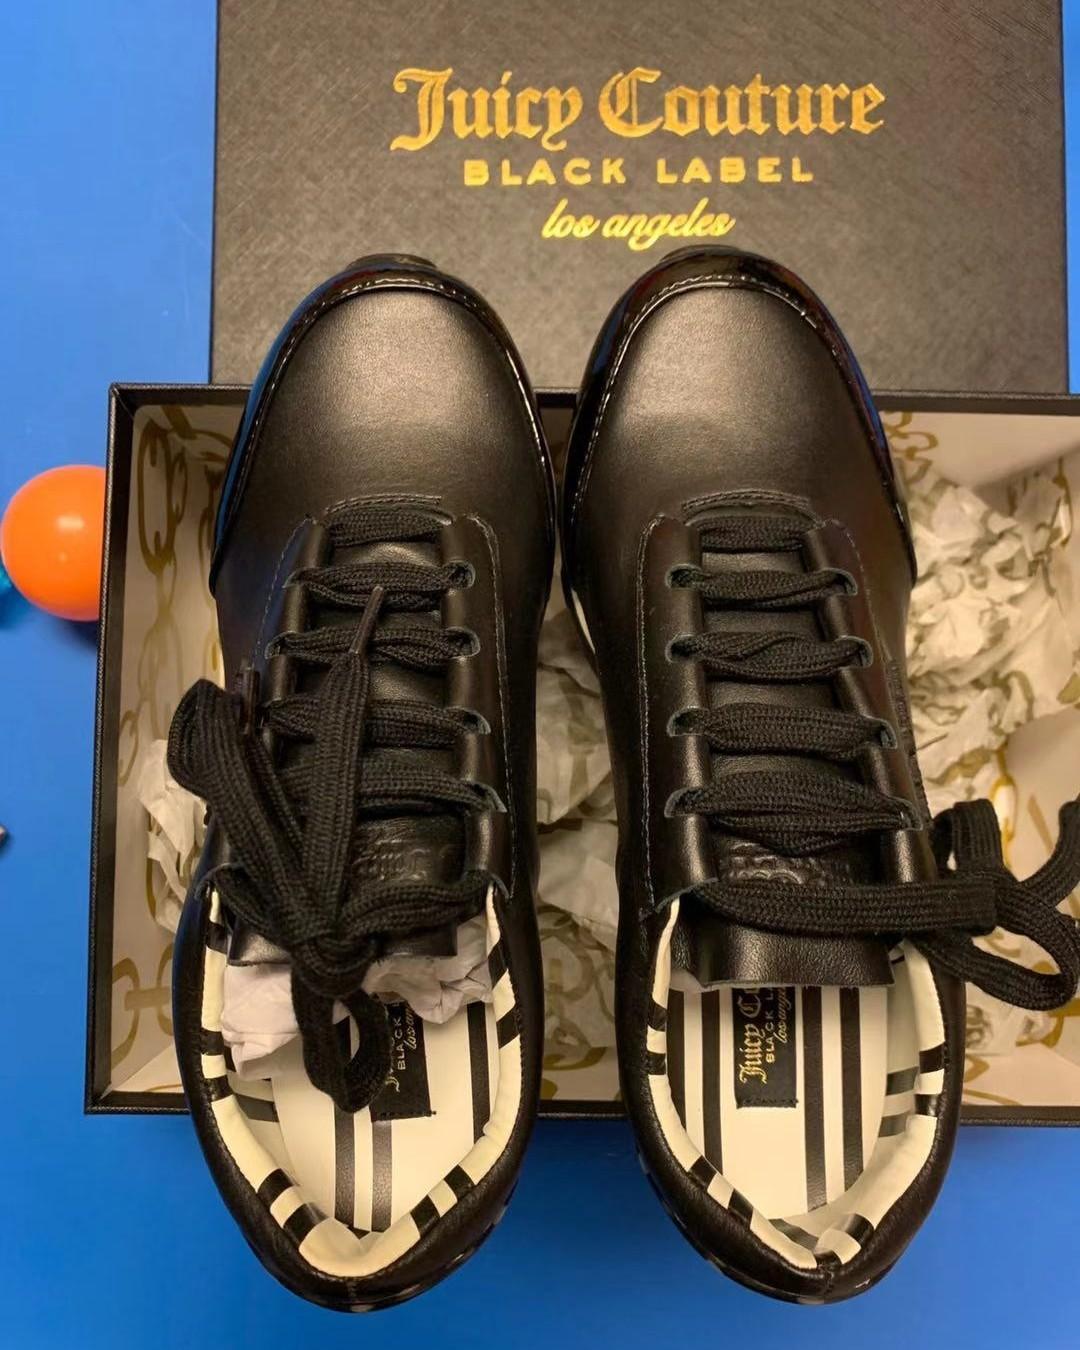 运动潮牌Black Label驾到 |   一款服饰走中性化